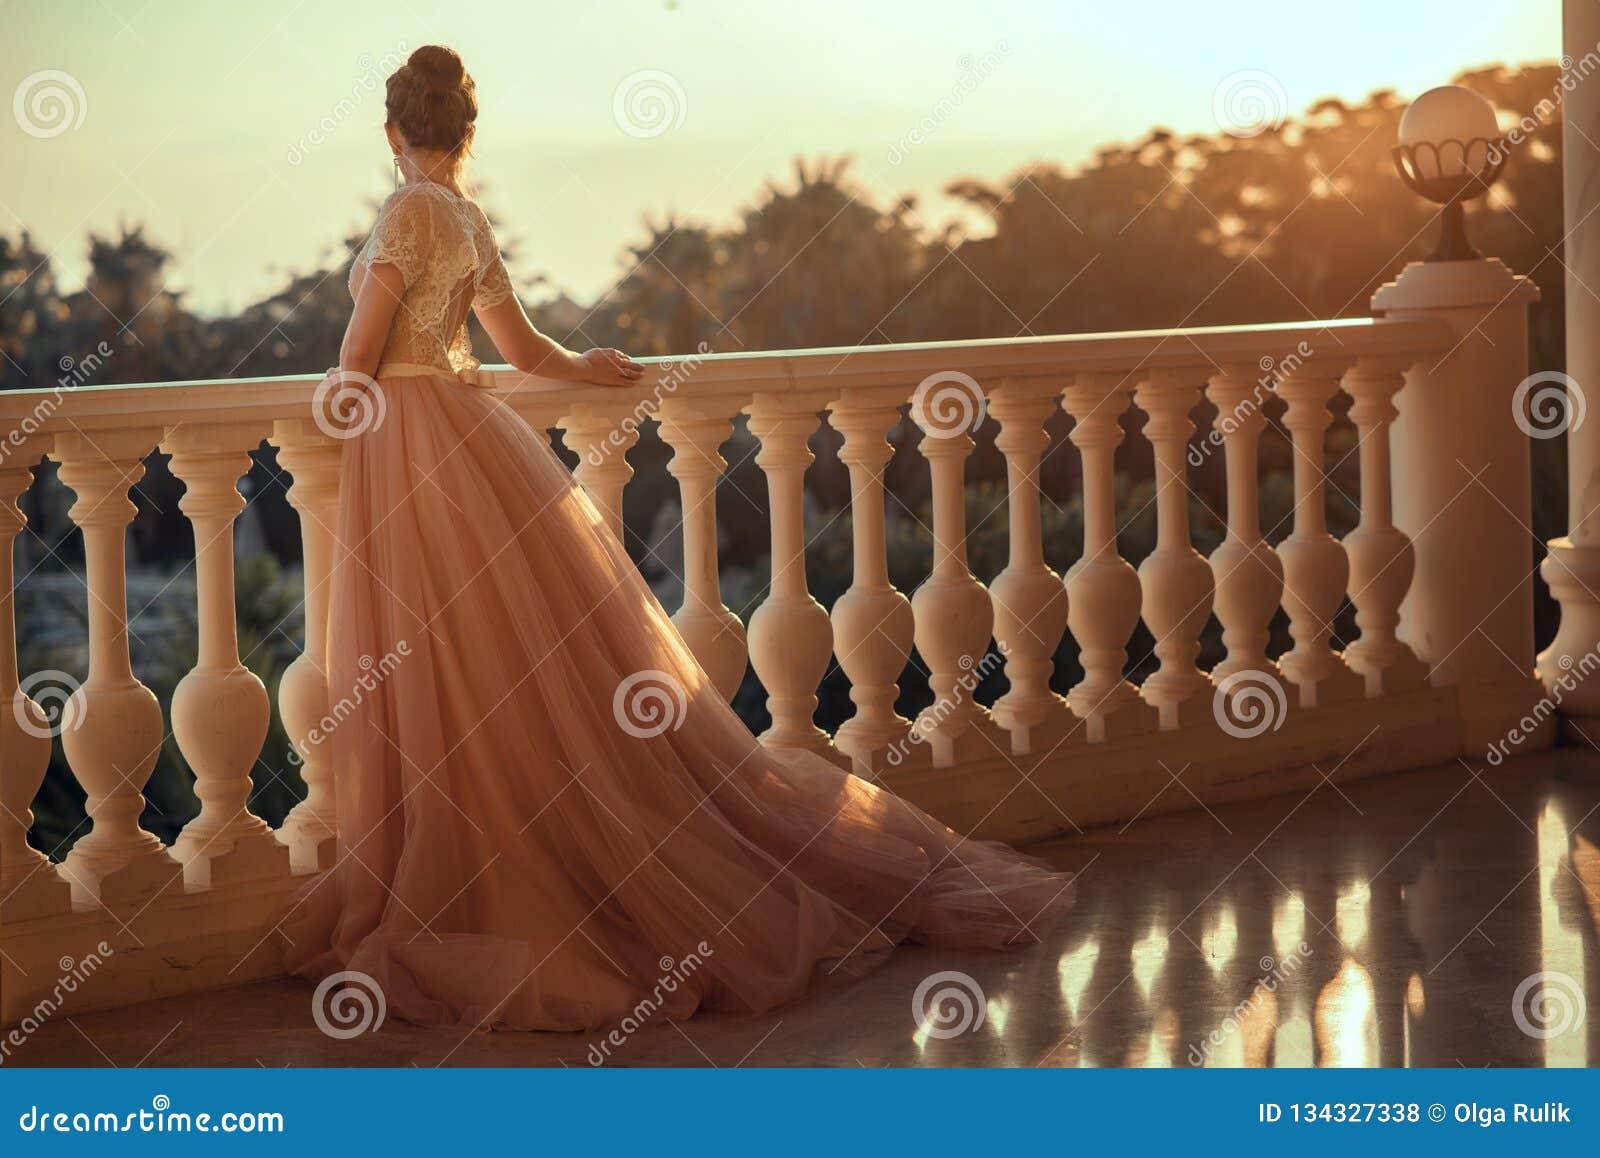 Senhora bonita no vestido luxuoso do salão de baile com saia do tule e posição superior laçado no grande balcão